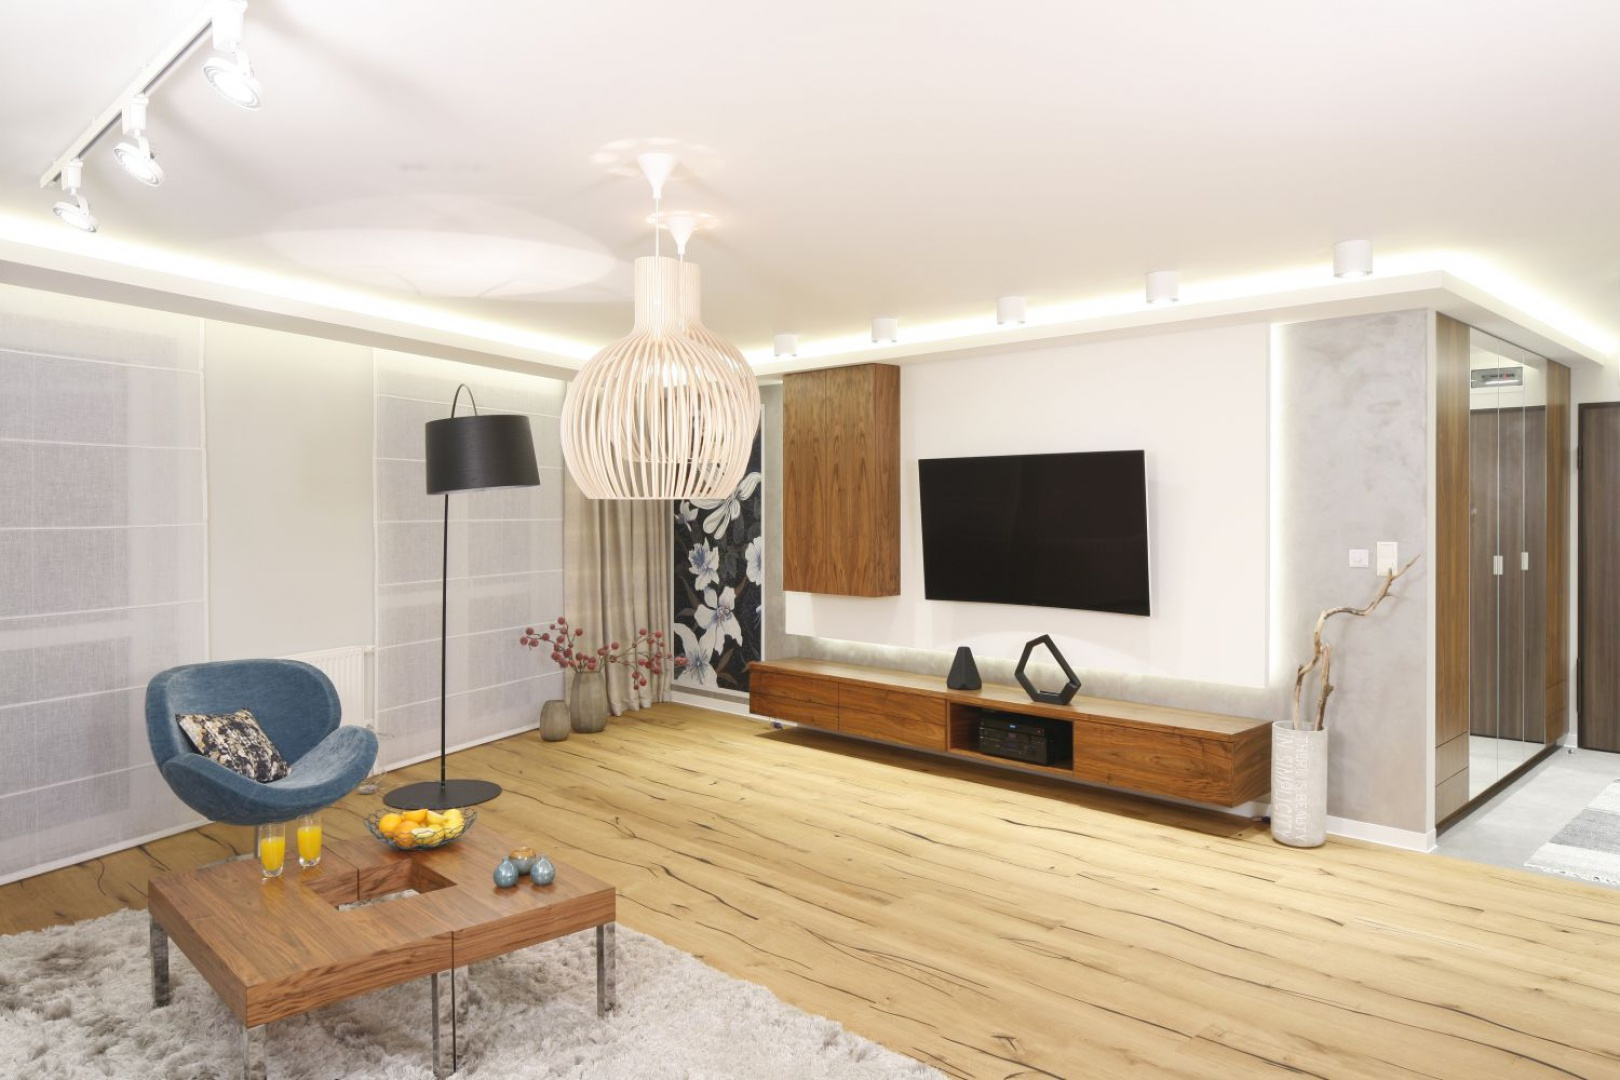 Przepiękna drewniana deska z mocno zaakcentowanymi sękami drewna zdobi podłogę w tym nowoczesnym salonie. Projekt: Agnieszka Hajdas-Obajtek. Fot. Bartosz Jarosz